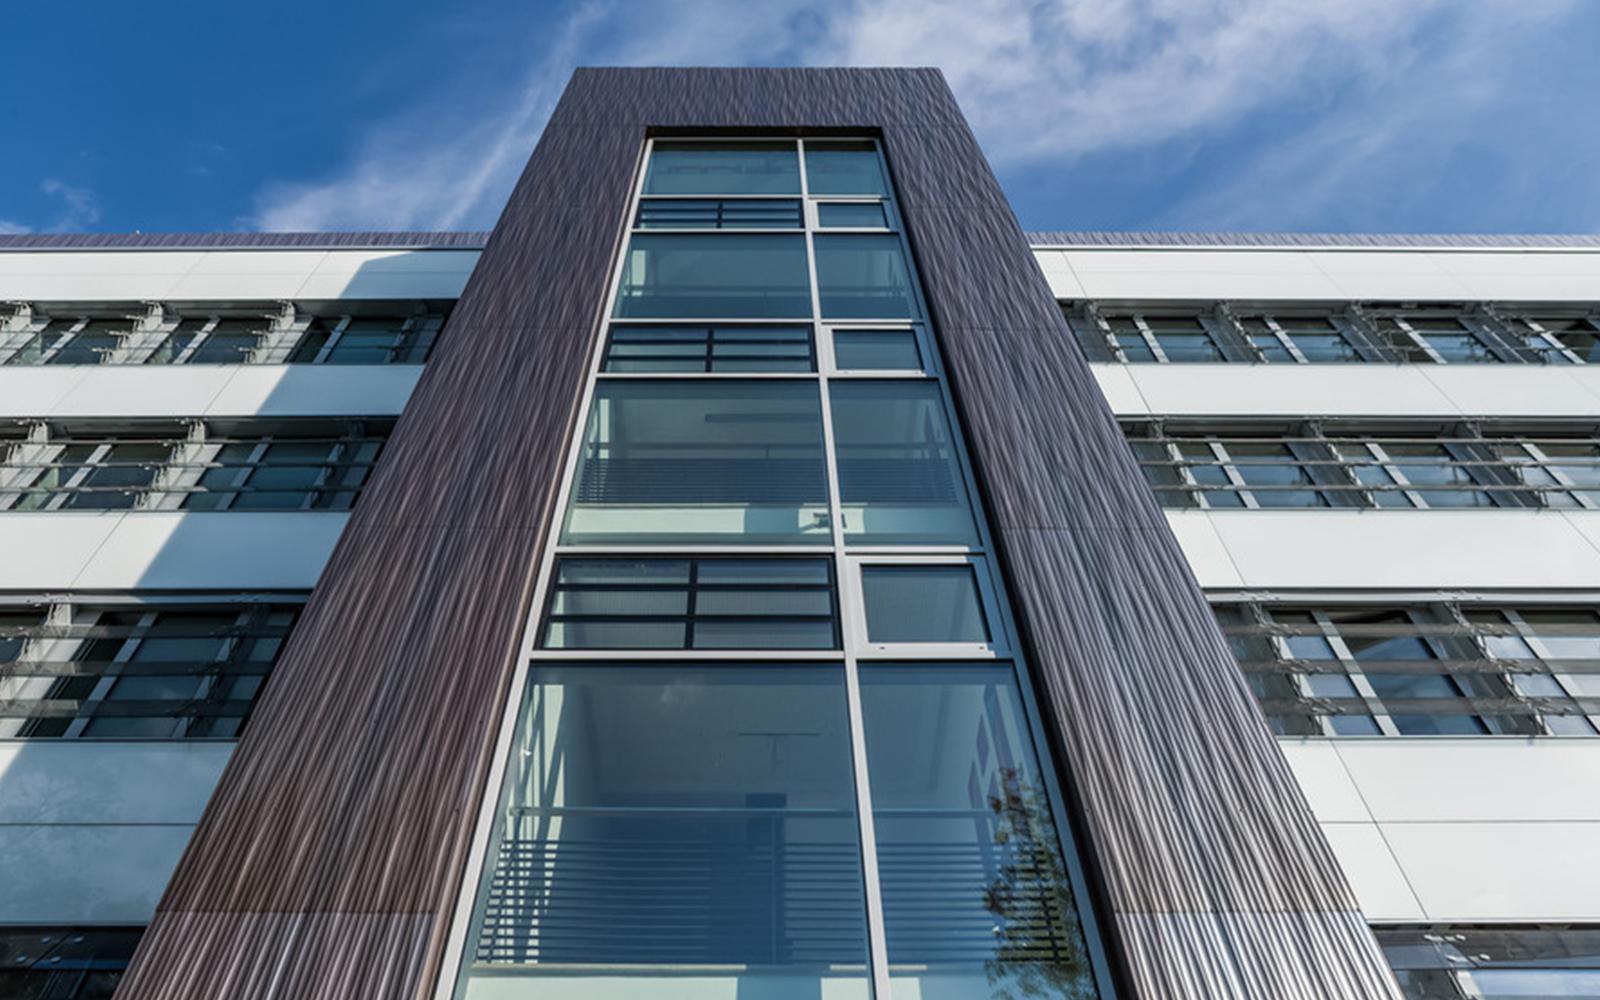 اجرای نمای بیرونی ساختمان با سرامیک